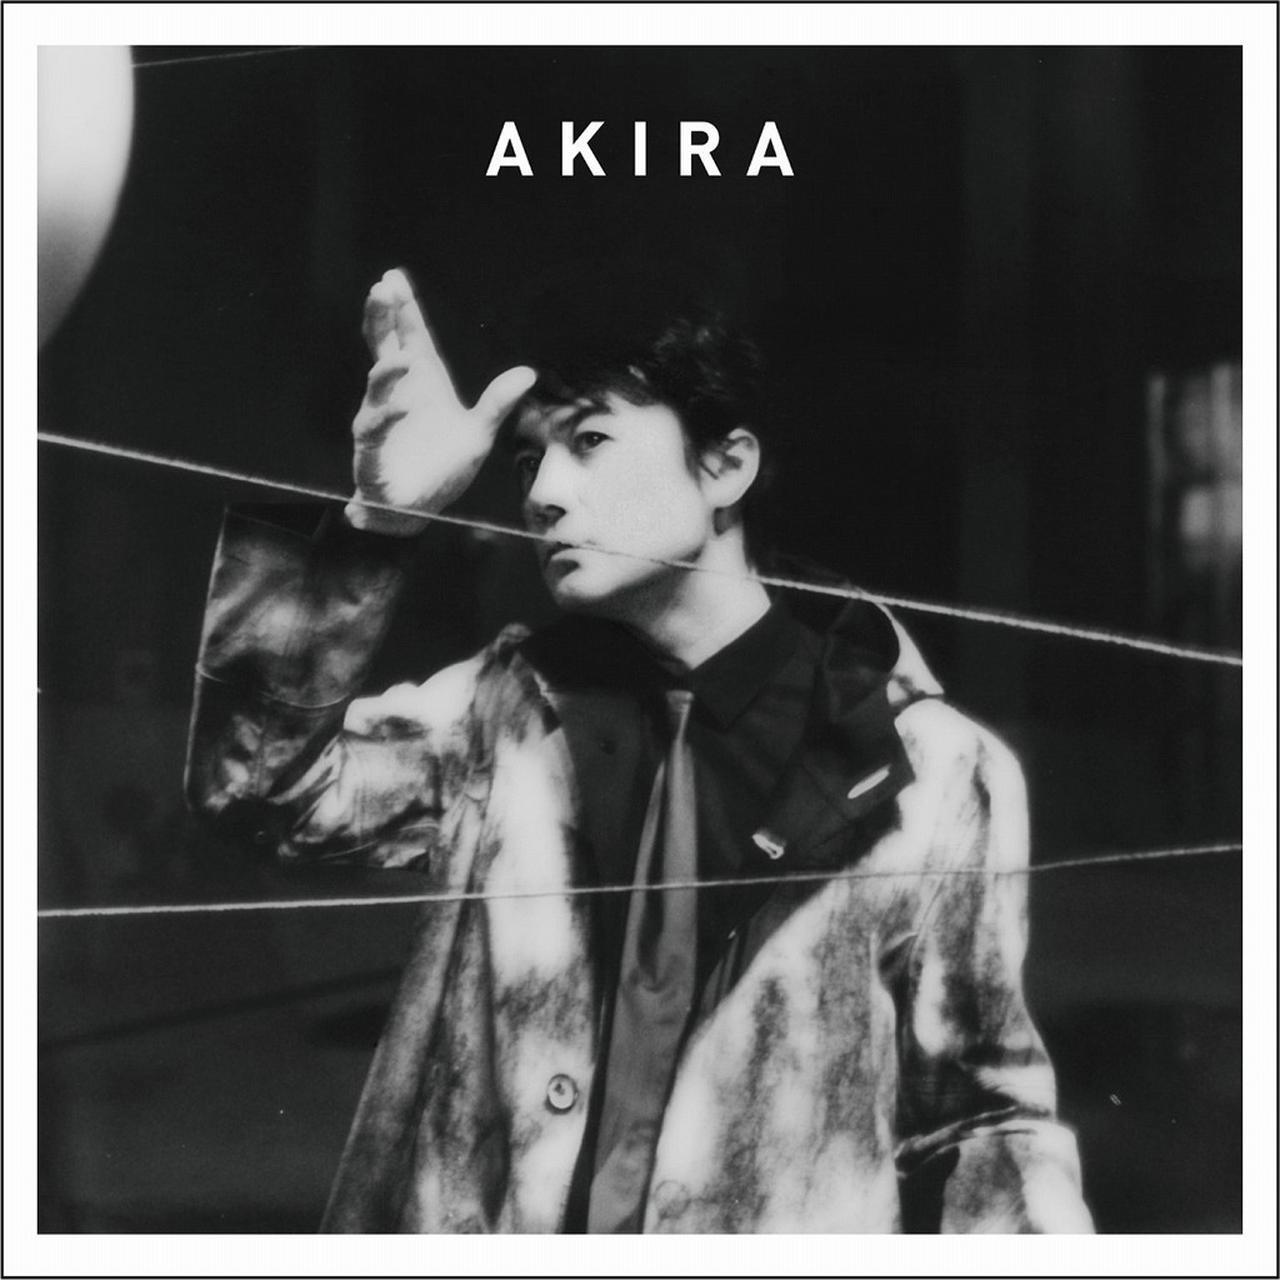 画像: AKIRA / 福山雅治